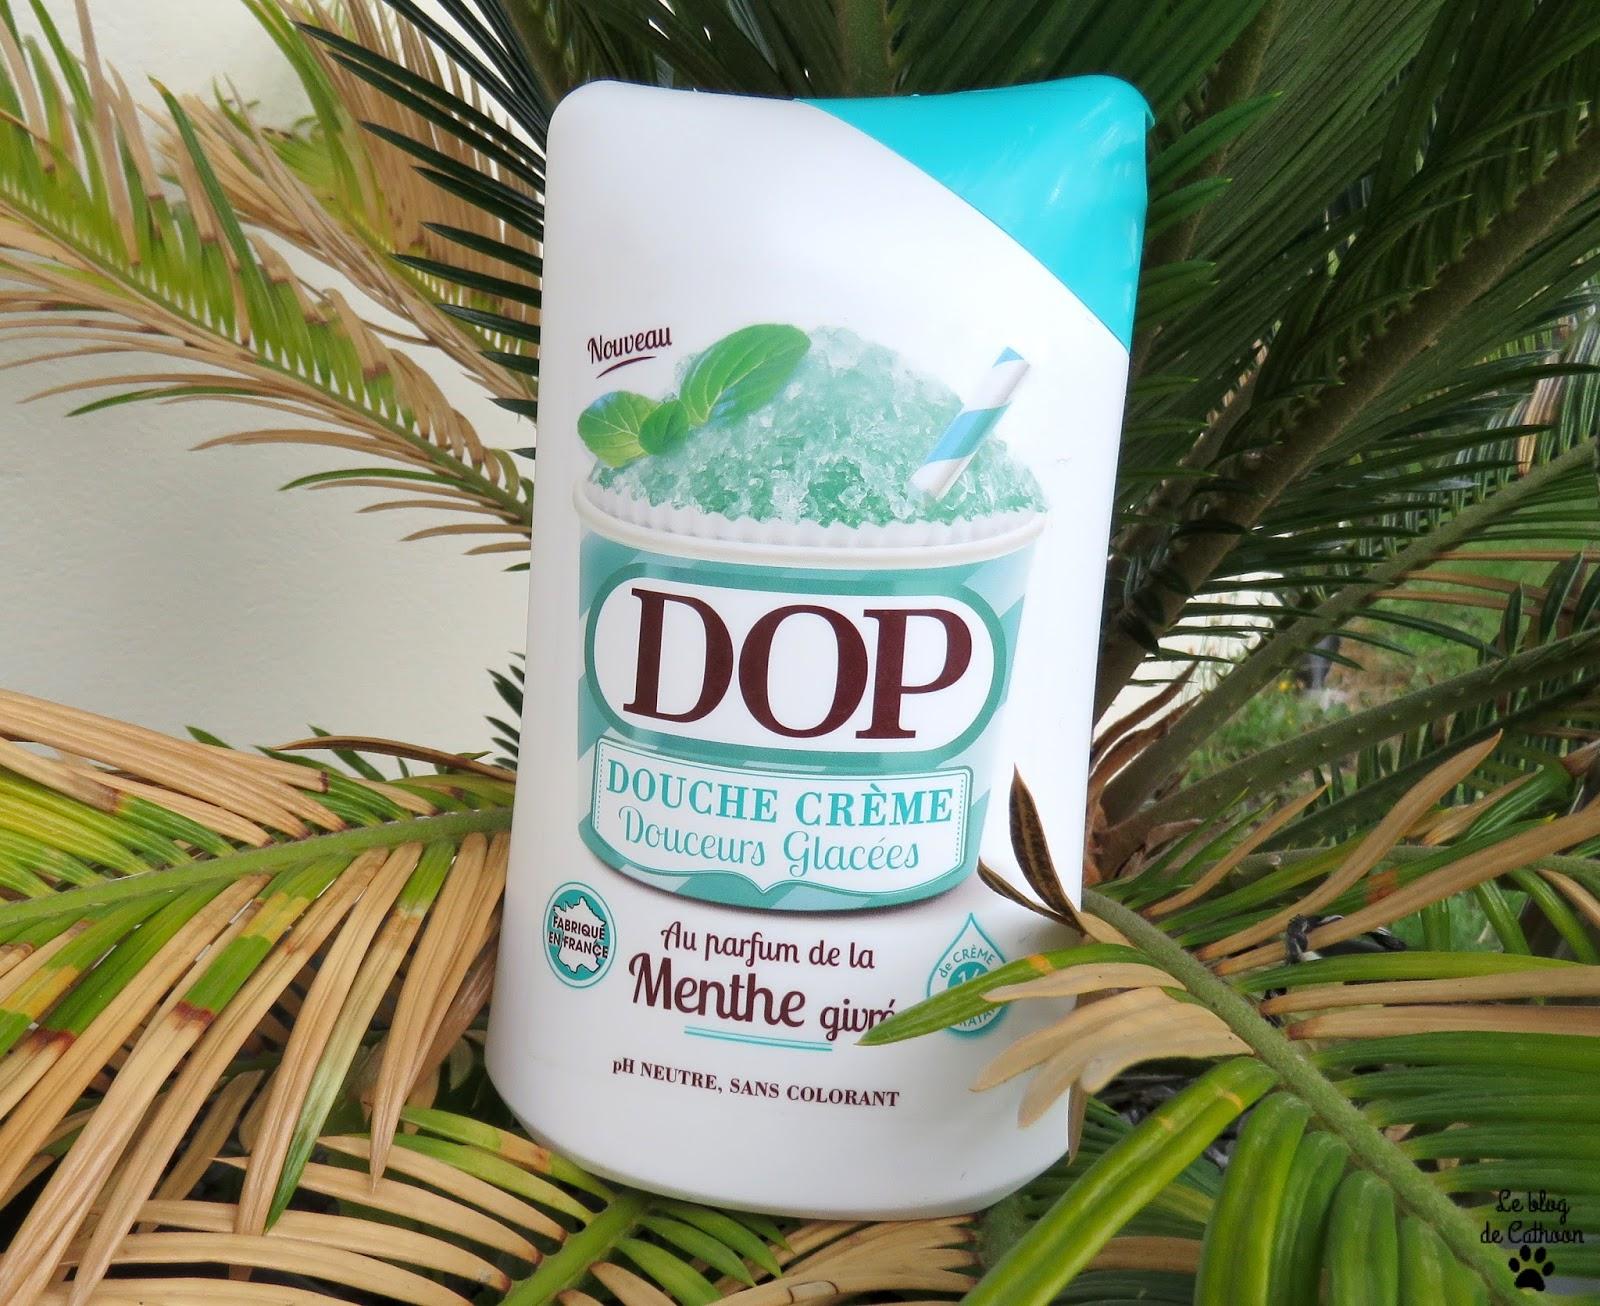 Douche Crème Douceurs Glacées - Menthe Givrée - Dop